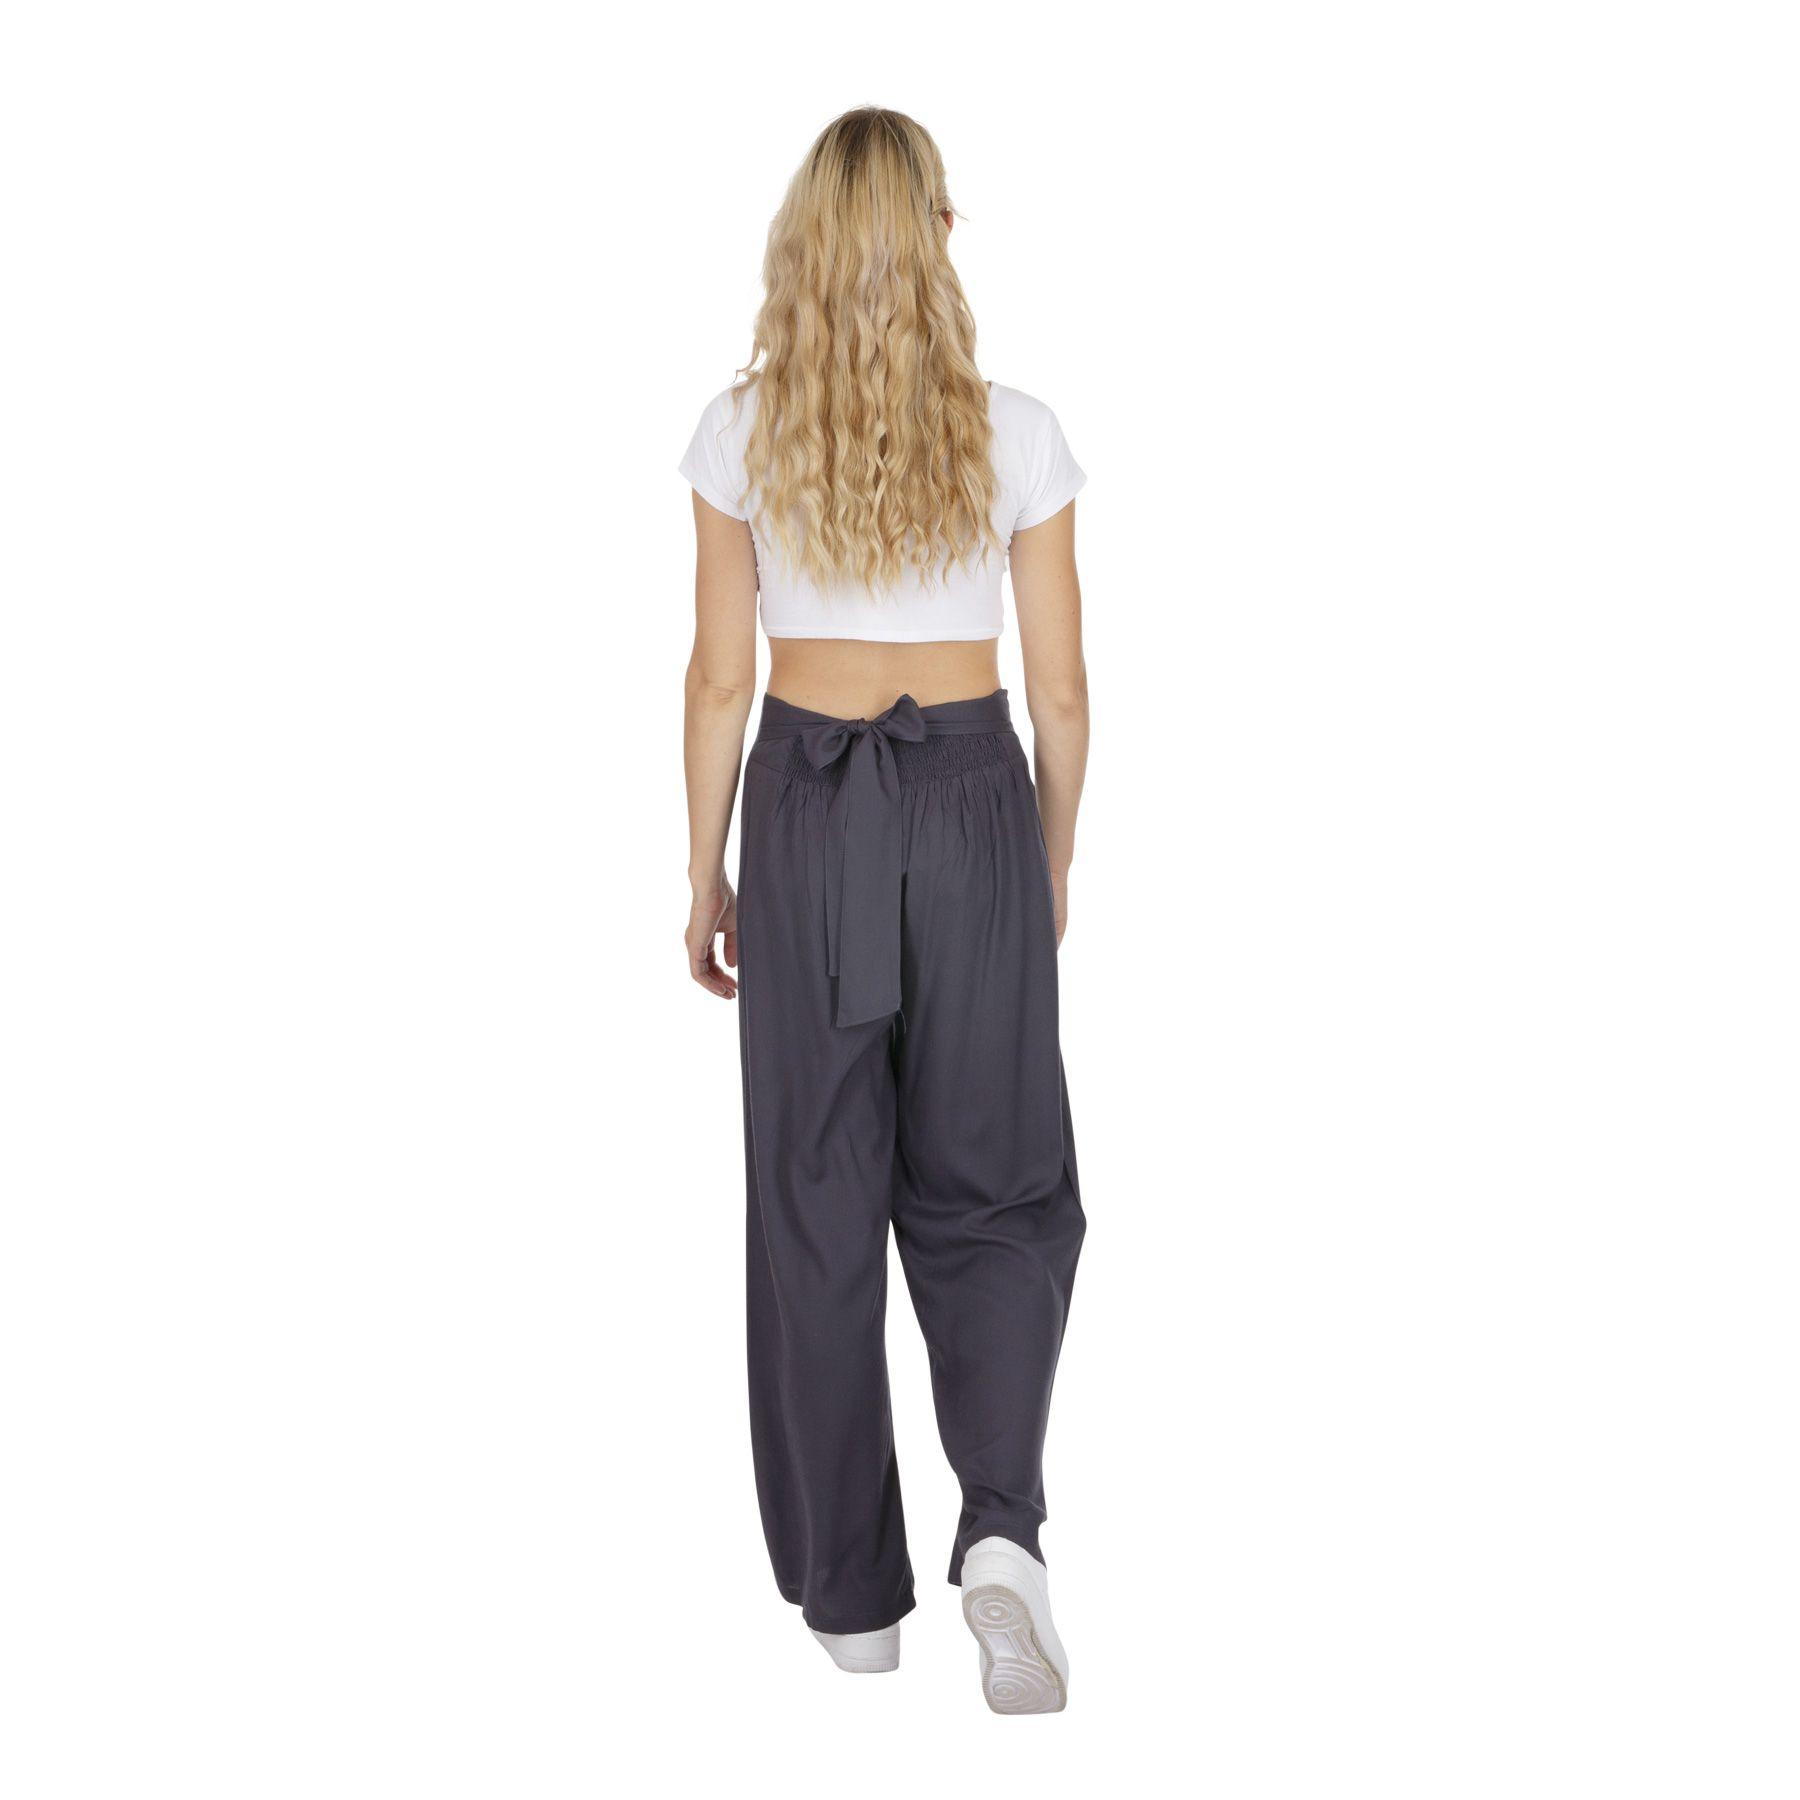 Pantalon droit femme gris esprit chic ethnique Friendly 319543